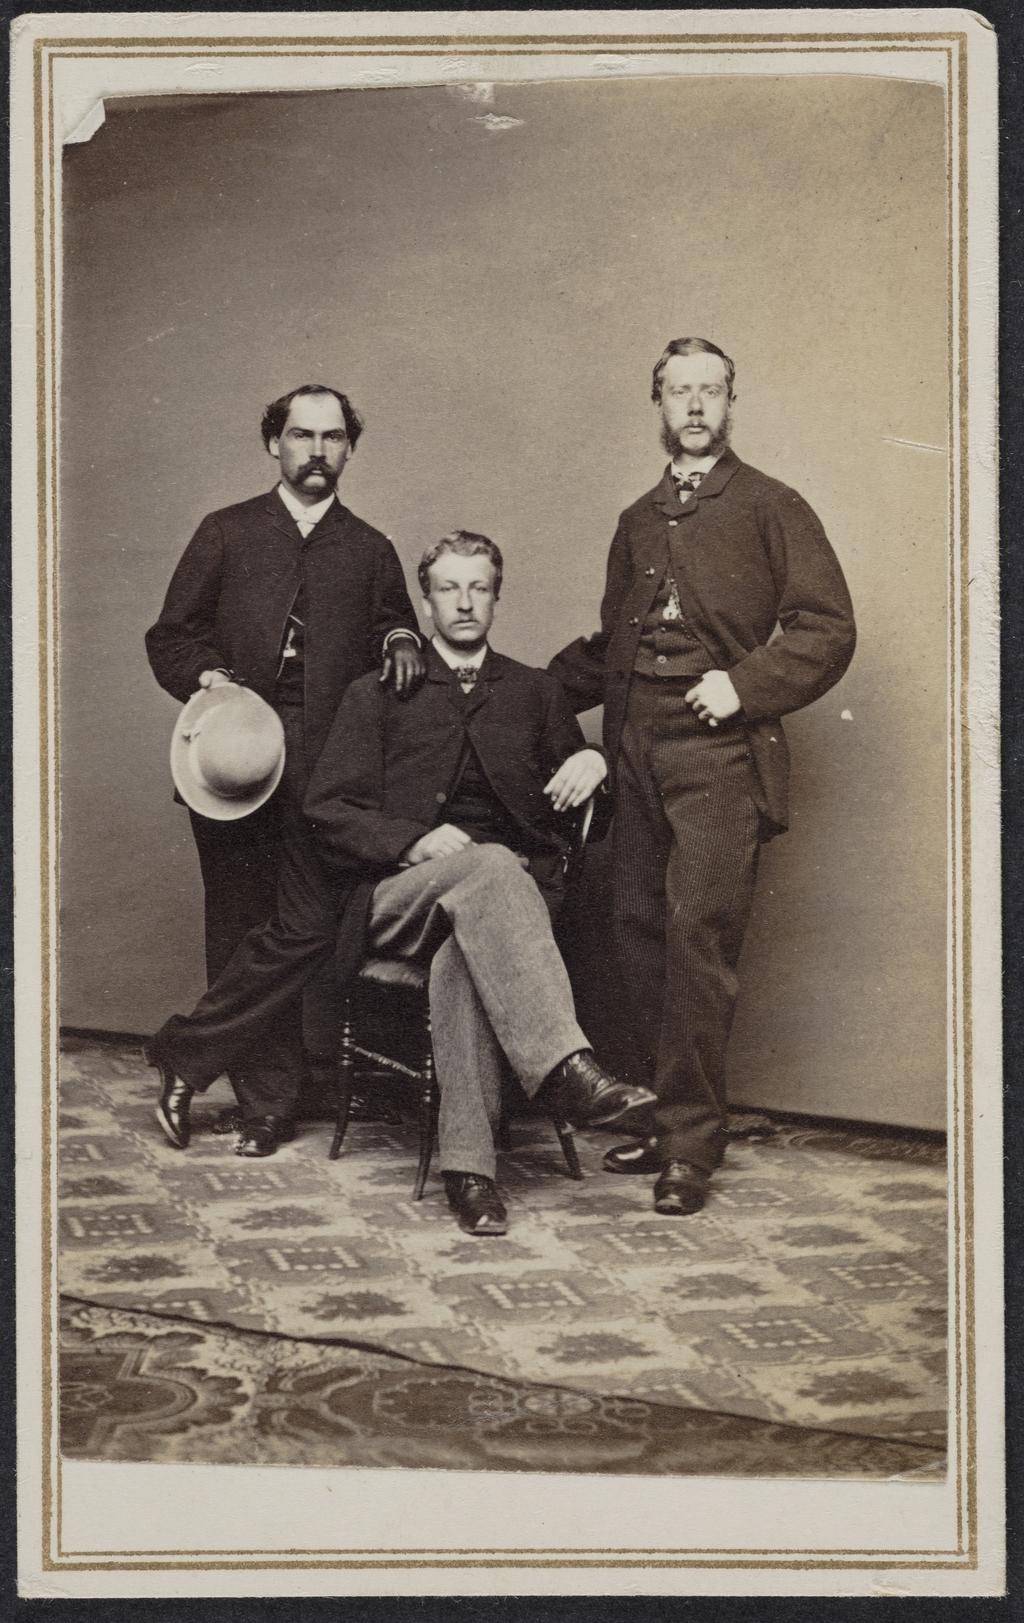 Marentelle, Fred Fraser et Paulin, de l'album de collection dit de Richard Alleyn